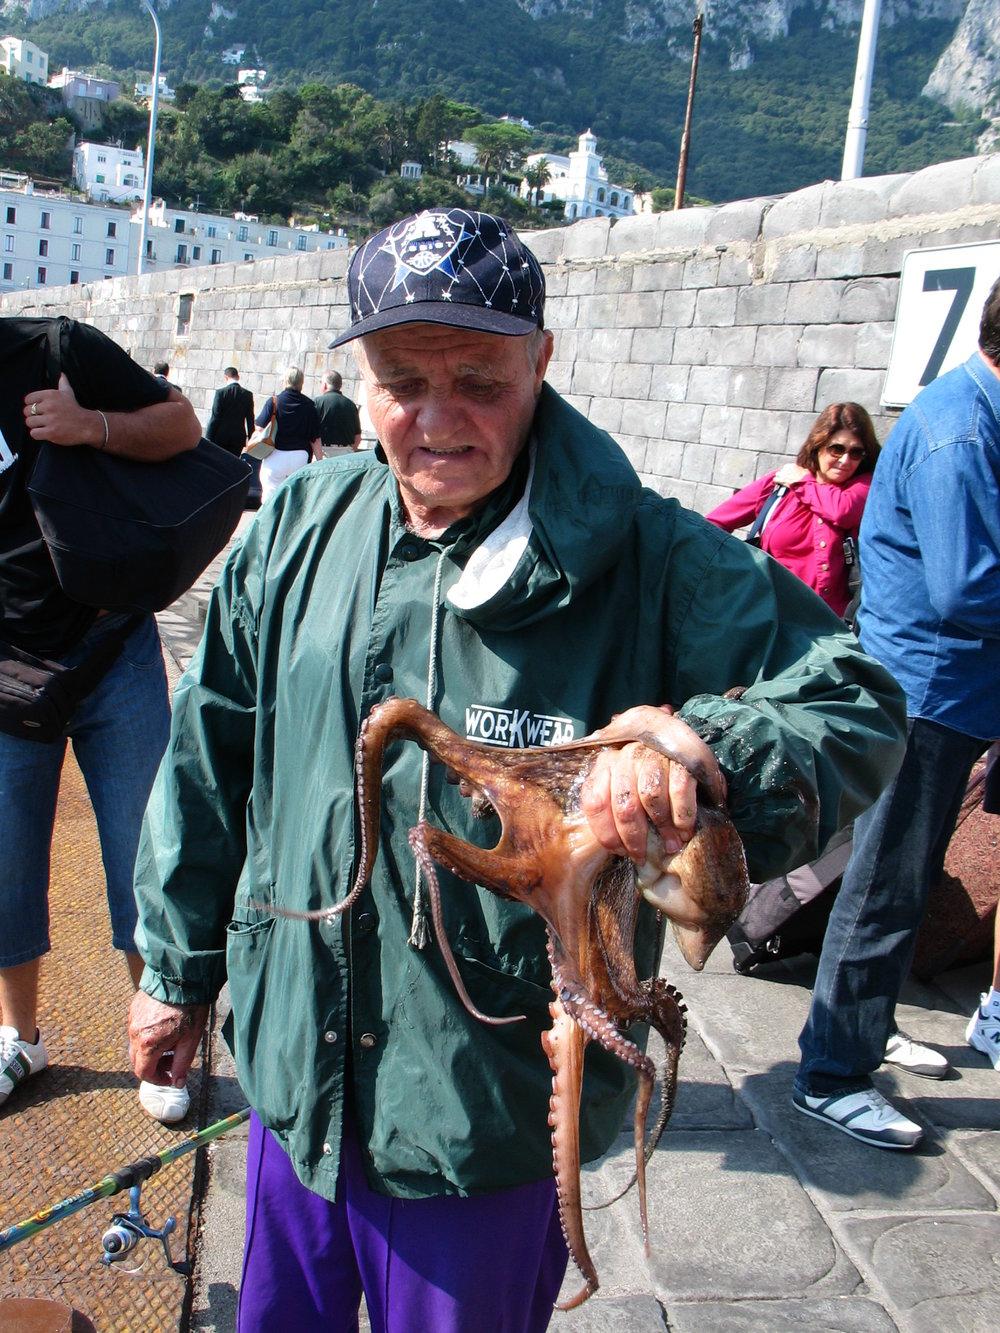 Octopus, Isle of Capri